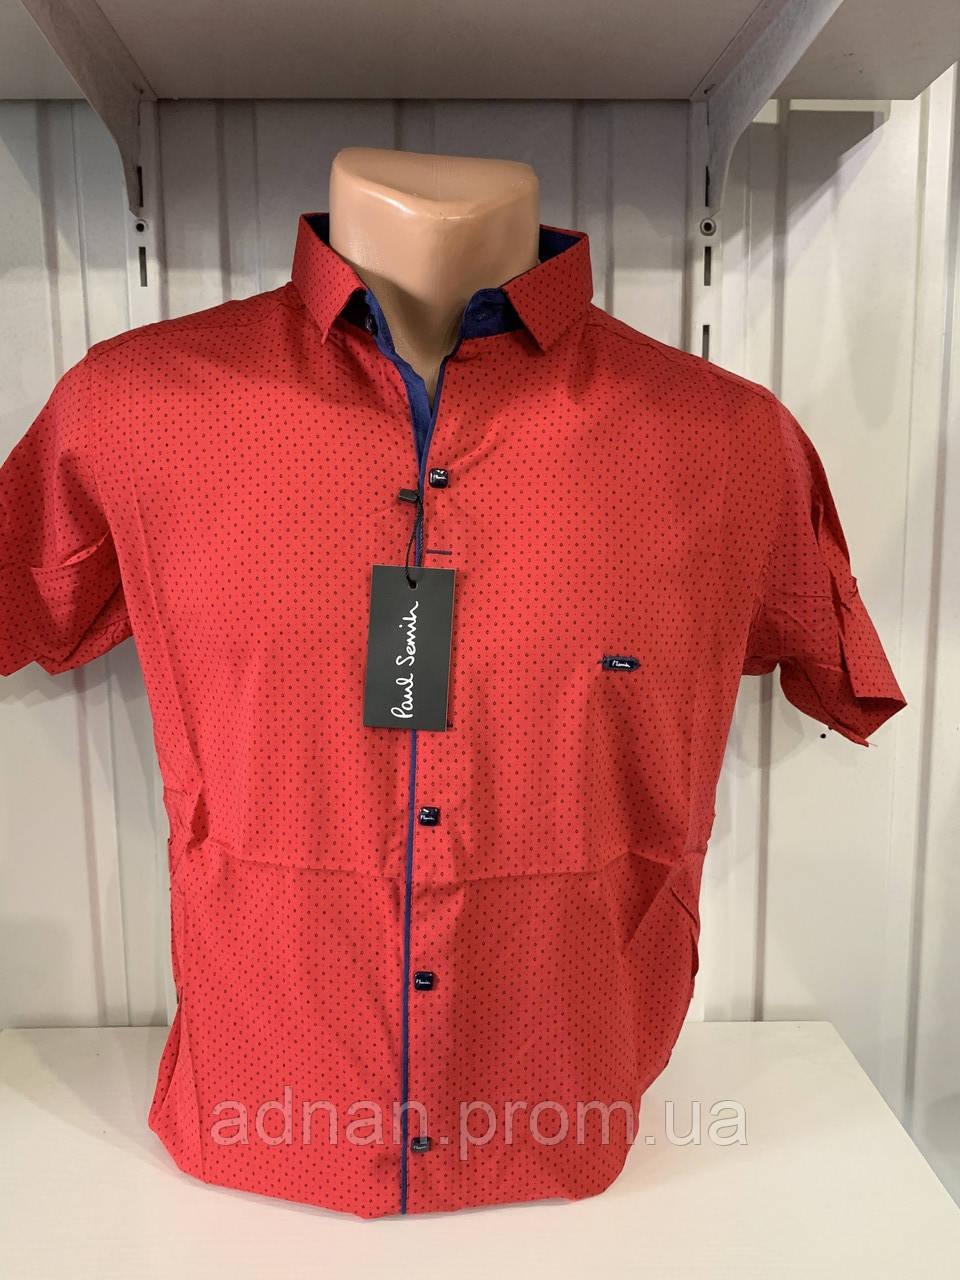 Рубашка мужская Paul Smith короткий рукав, стрейч, заклепки. №30.03 9 002  \ купить рубашку